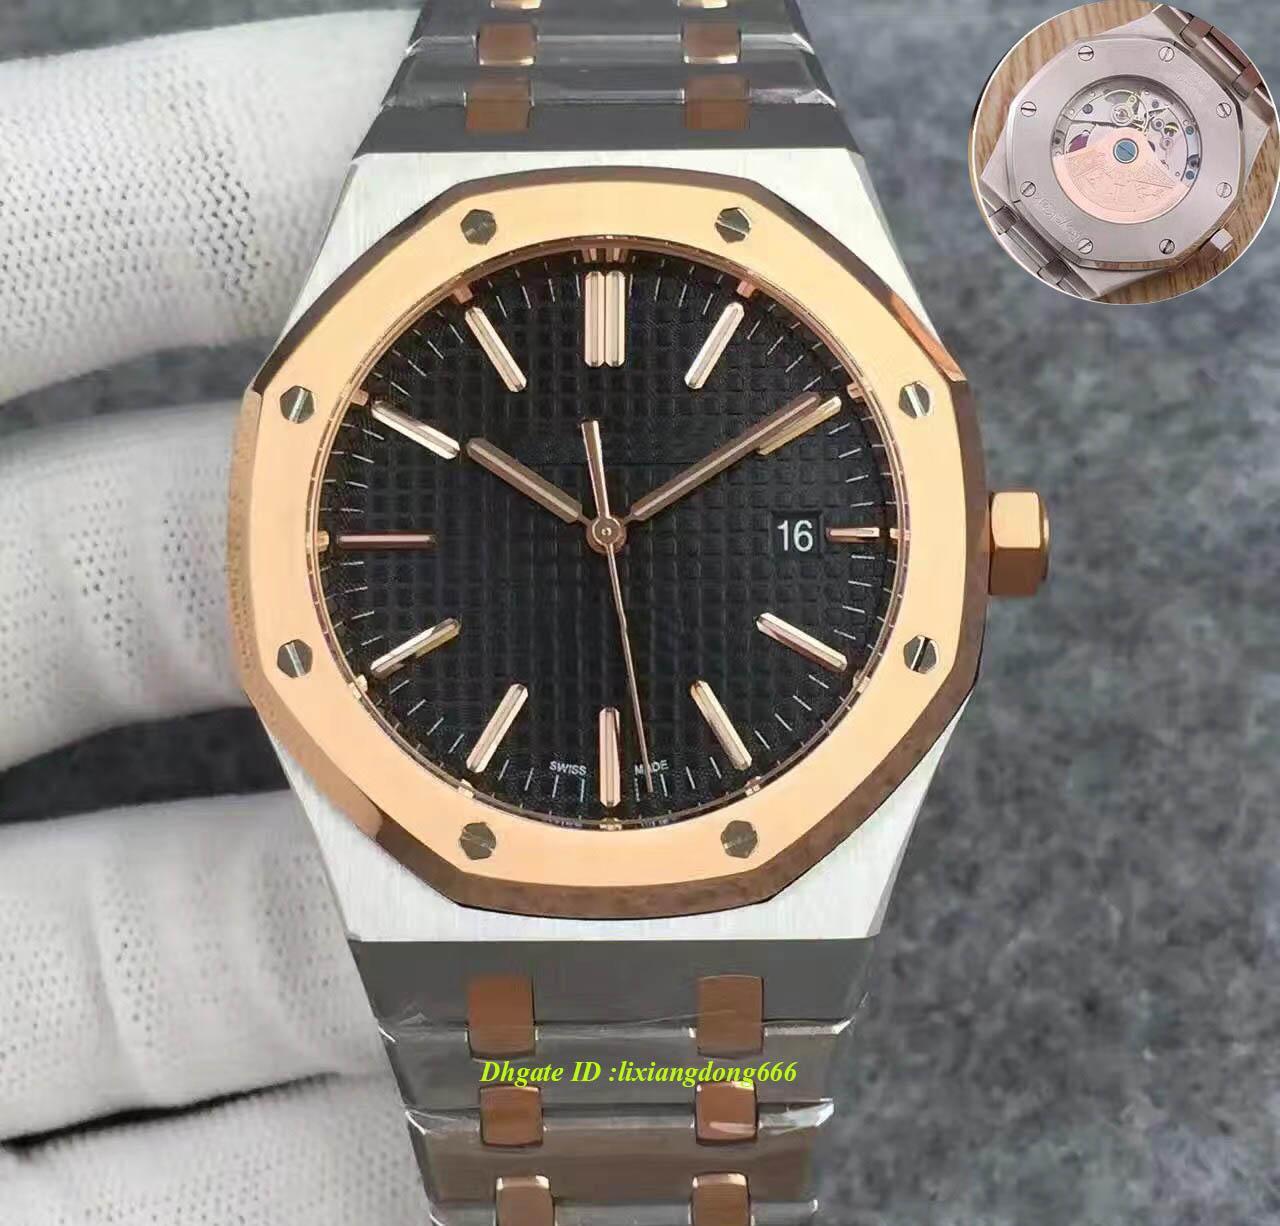 Homens de luxo Relógios Homens Luxo Automático Máquinas Relógios Homens de Aço Inoxidável 42mm Luminoso Negócios À Prova D 'Água 30 M Relógio de Pulso